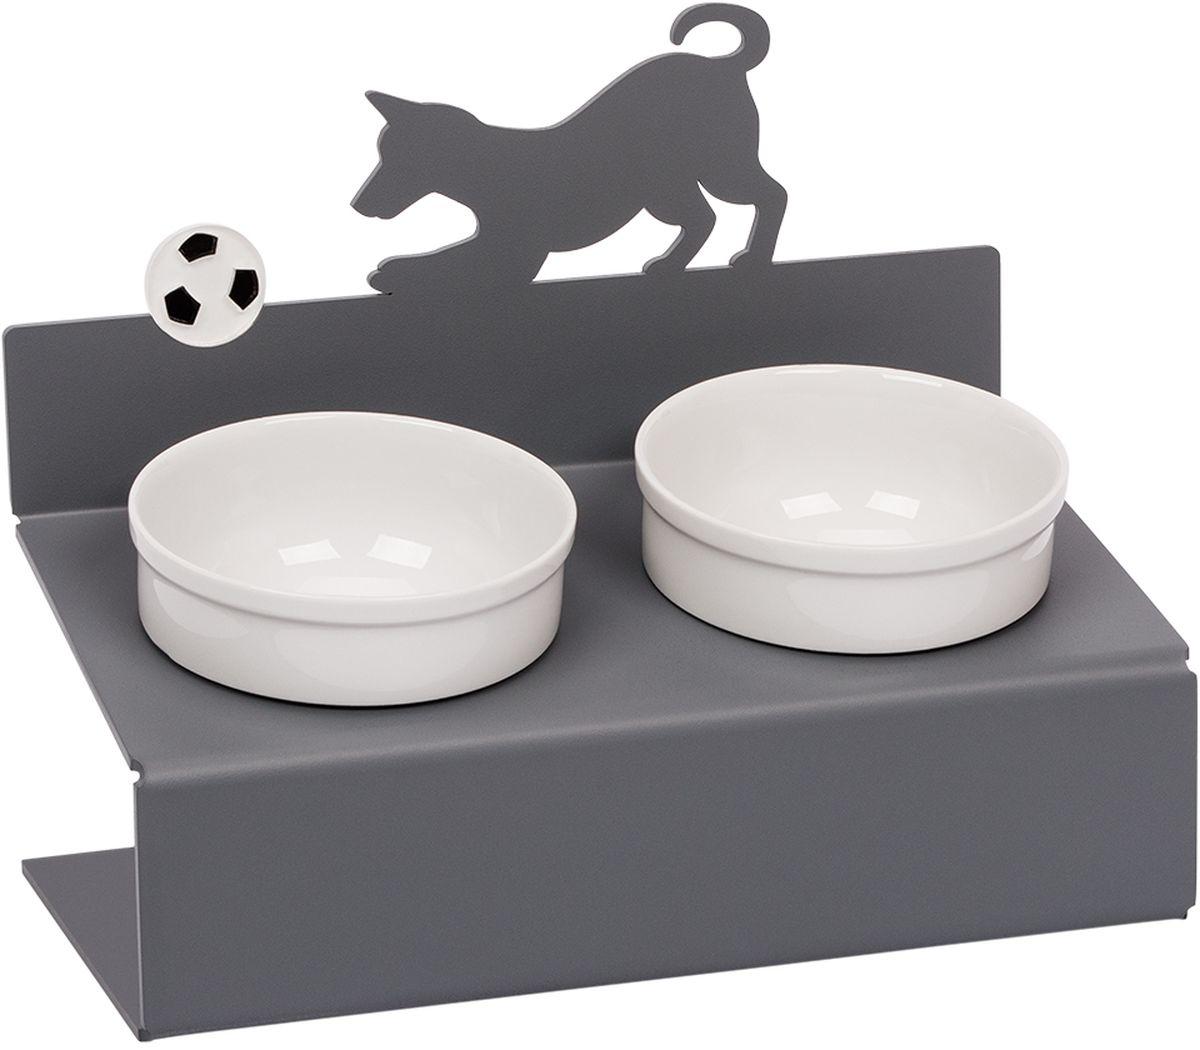 Миска для животныx Artmiska Собака и мяч, двойная, на подставке, цвет: серый, 2 x 350 млМ-8Artmiska - фарфоровые миски на дизайнерских подставках, которые созданы специально для кошек и собак мелких пород.Высота подставки и угол ее наклона максимально обеспечивают правильное положение тела кошки или собаки при кормлении.Оптимальная высота и угол наклона подставки, форма и объем миски эффективно снижают разбрасывание корма домашним питомцем.Artmiska подходит для всех кошек и собакам мелких пород - той-терьерам, шпицам, йоркширским терьерам, карликовым пинчерам, чихуахуа и другим.Объем каждой миски - 350 мл. Товар защищен патентом РФ.